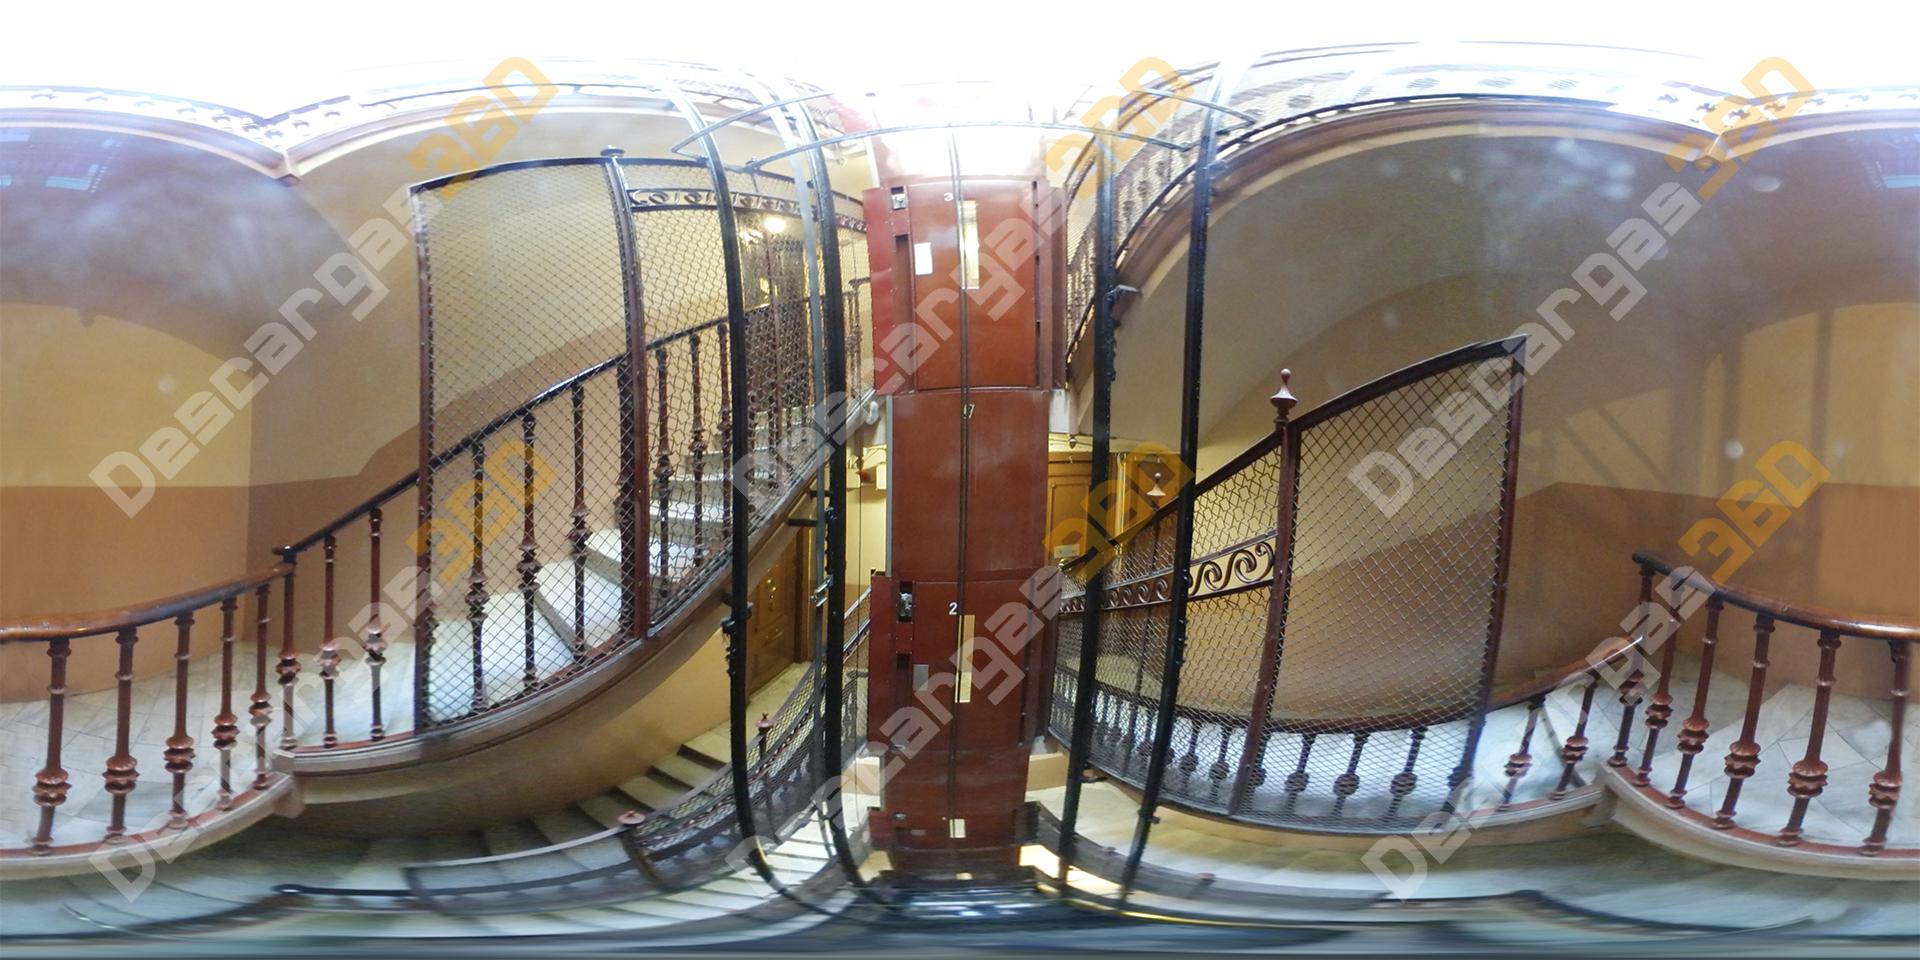 Agujero de ascensor 360 Interior - Descargas360_preview